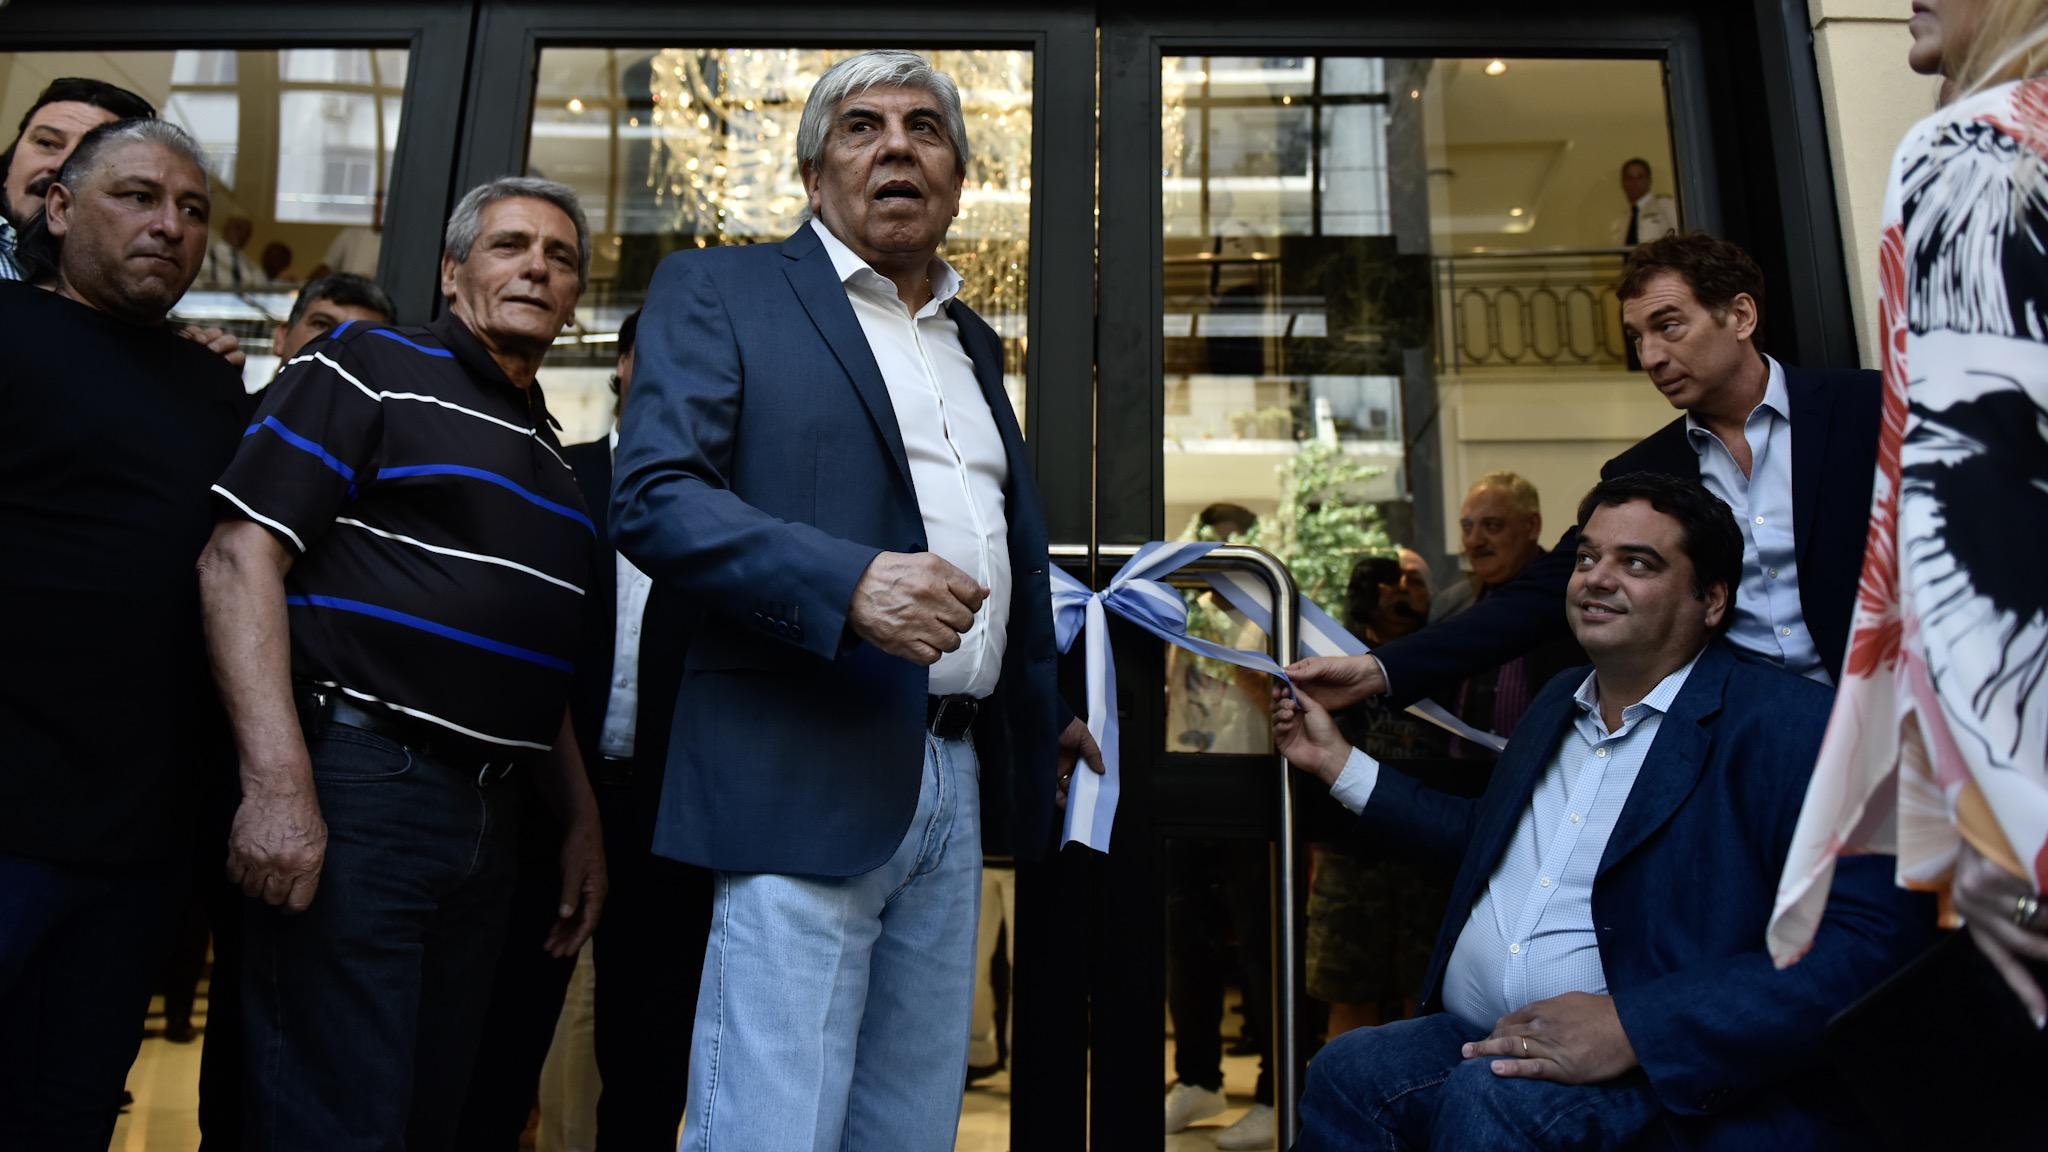 Hugo Moyano durante la inauguracion de un sanatorio del sindicato de Camioneros, acto del que también participaron el ministro de Trabajo, Jorge Triaca, el vicejefe de Gobierno porteño, Diego Santilli, y el triunviro de la CGT, Carlos Acuña (Adrián Escandar)